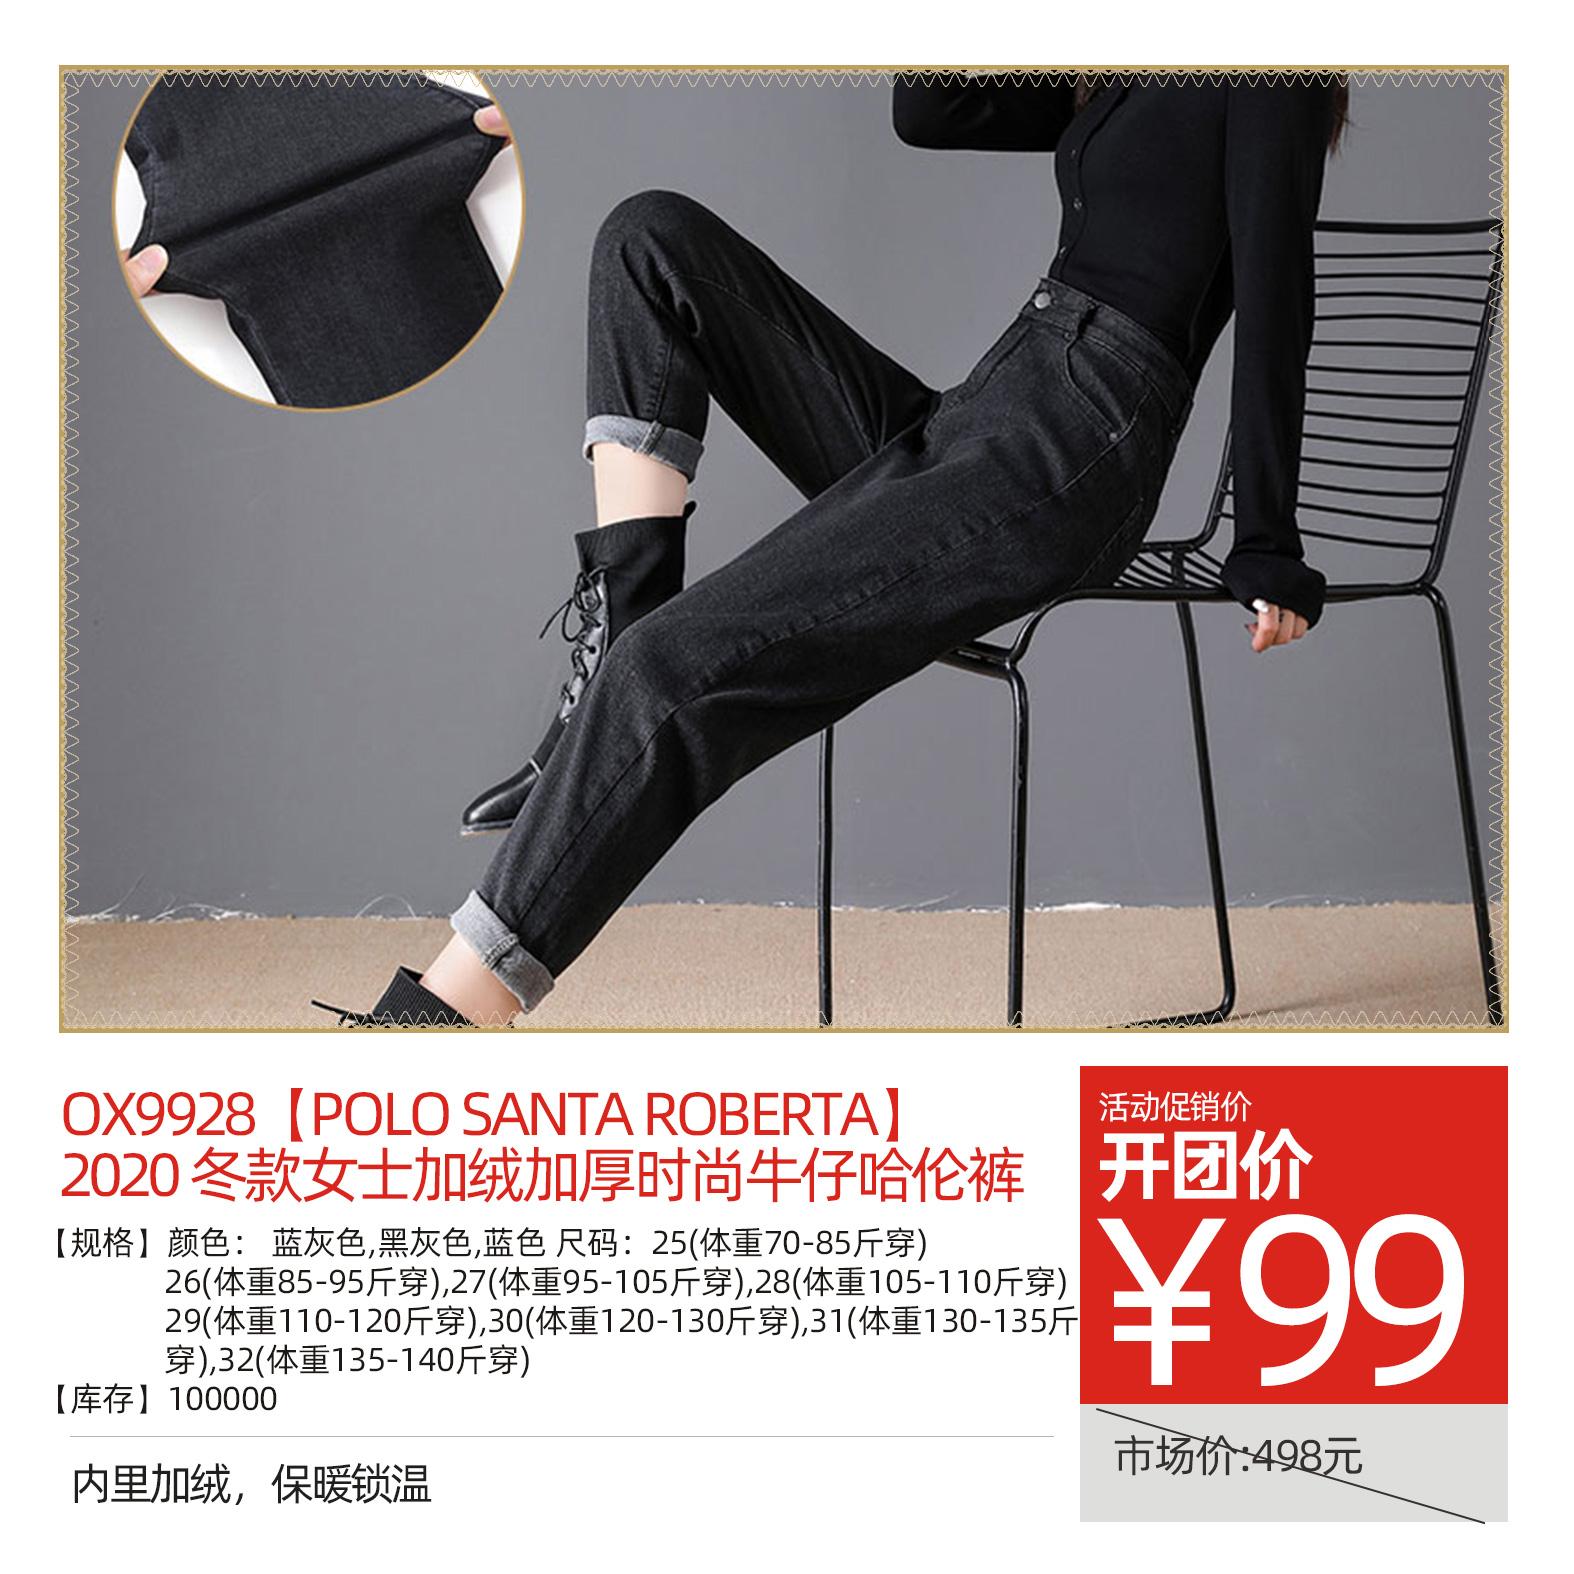 OX9928【POLO SANTA ROBERTA】 2020 冬款女士加绒加厚时尚牛仔哈伦裤